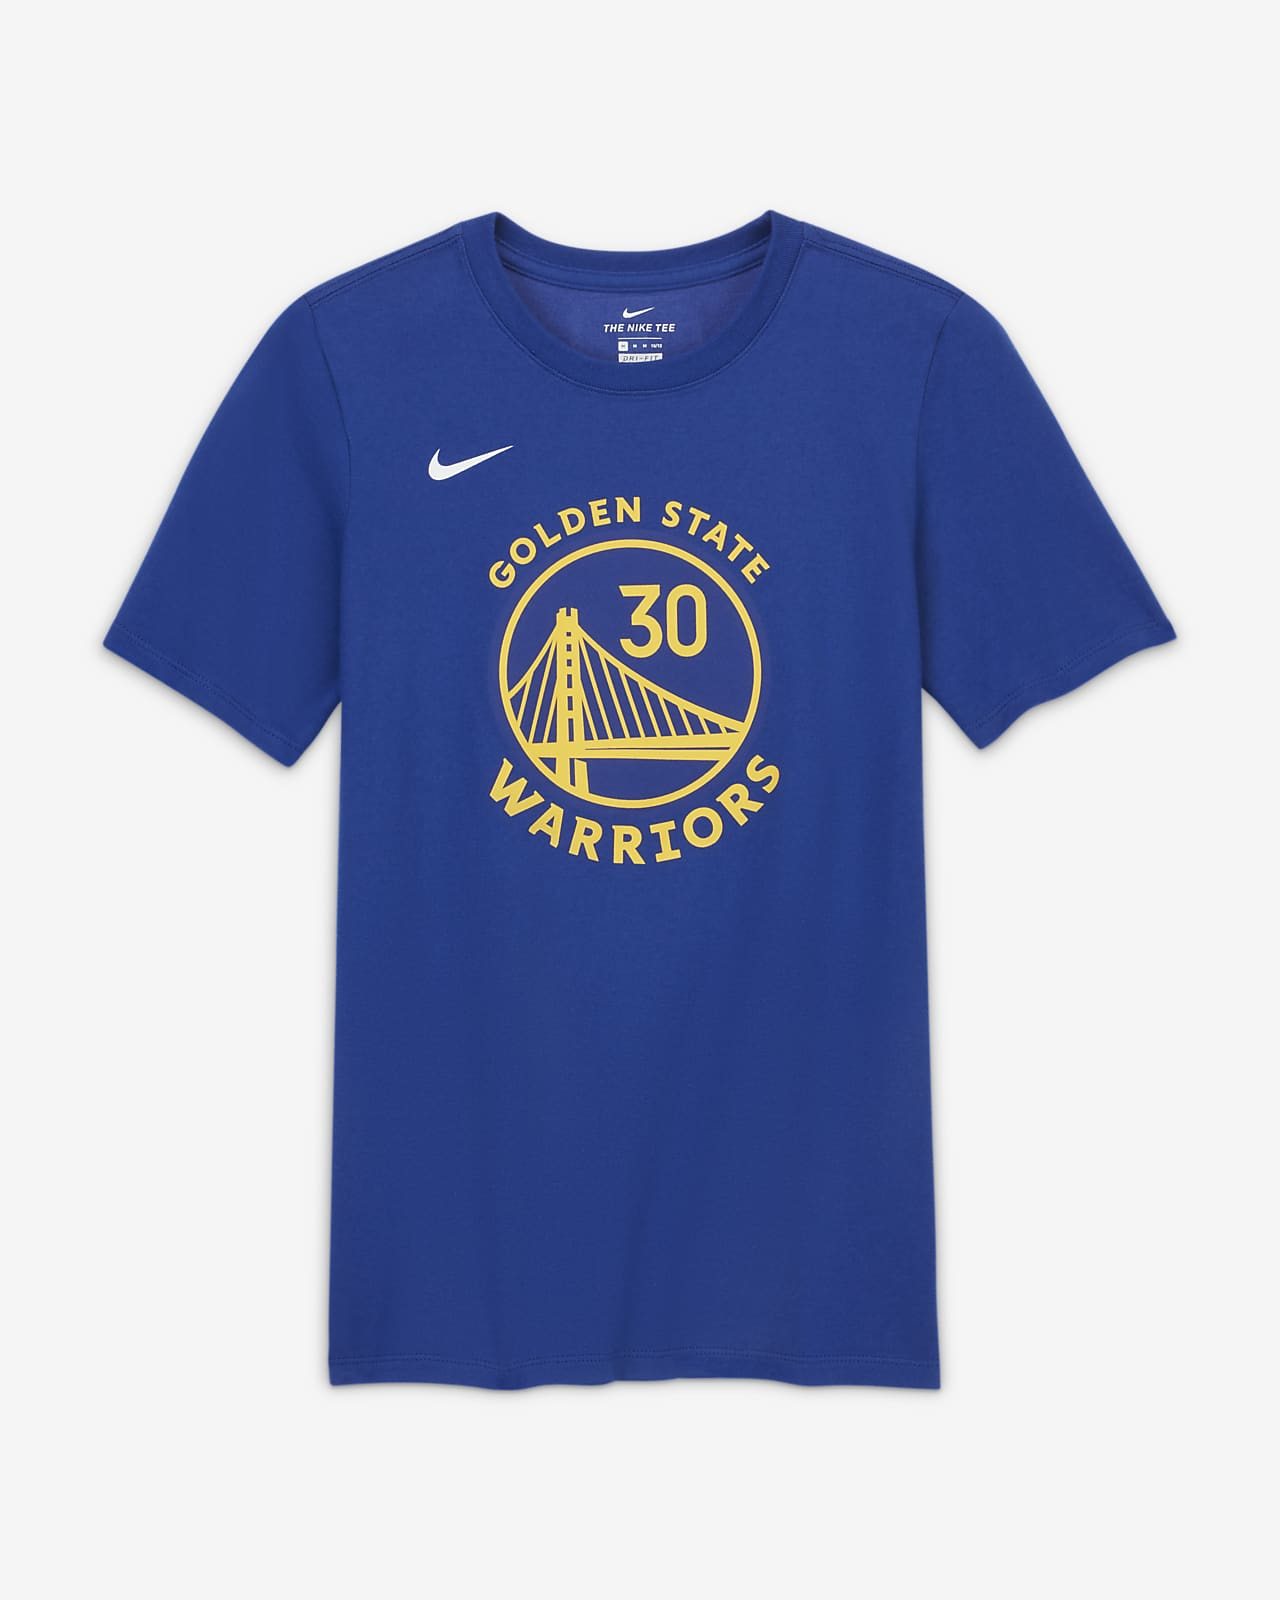 Stephen Curry Warriors Camiseta Nike NBA Player - Niño/a